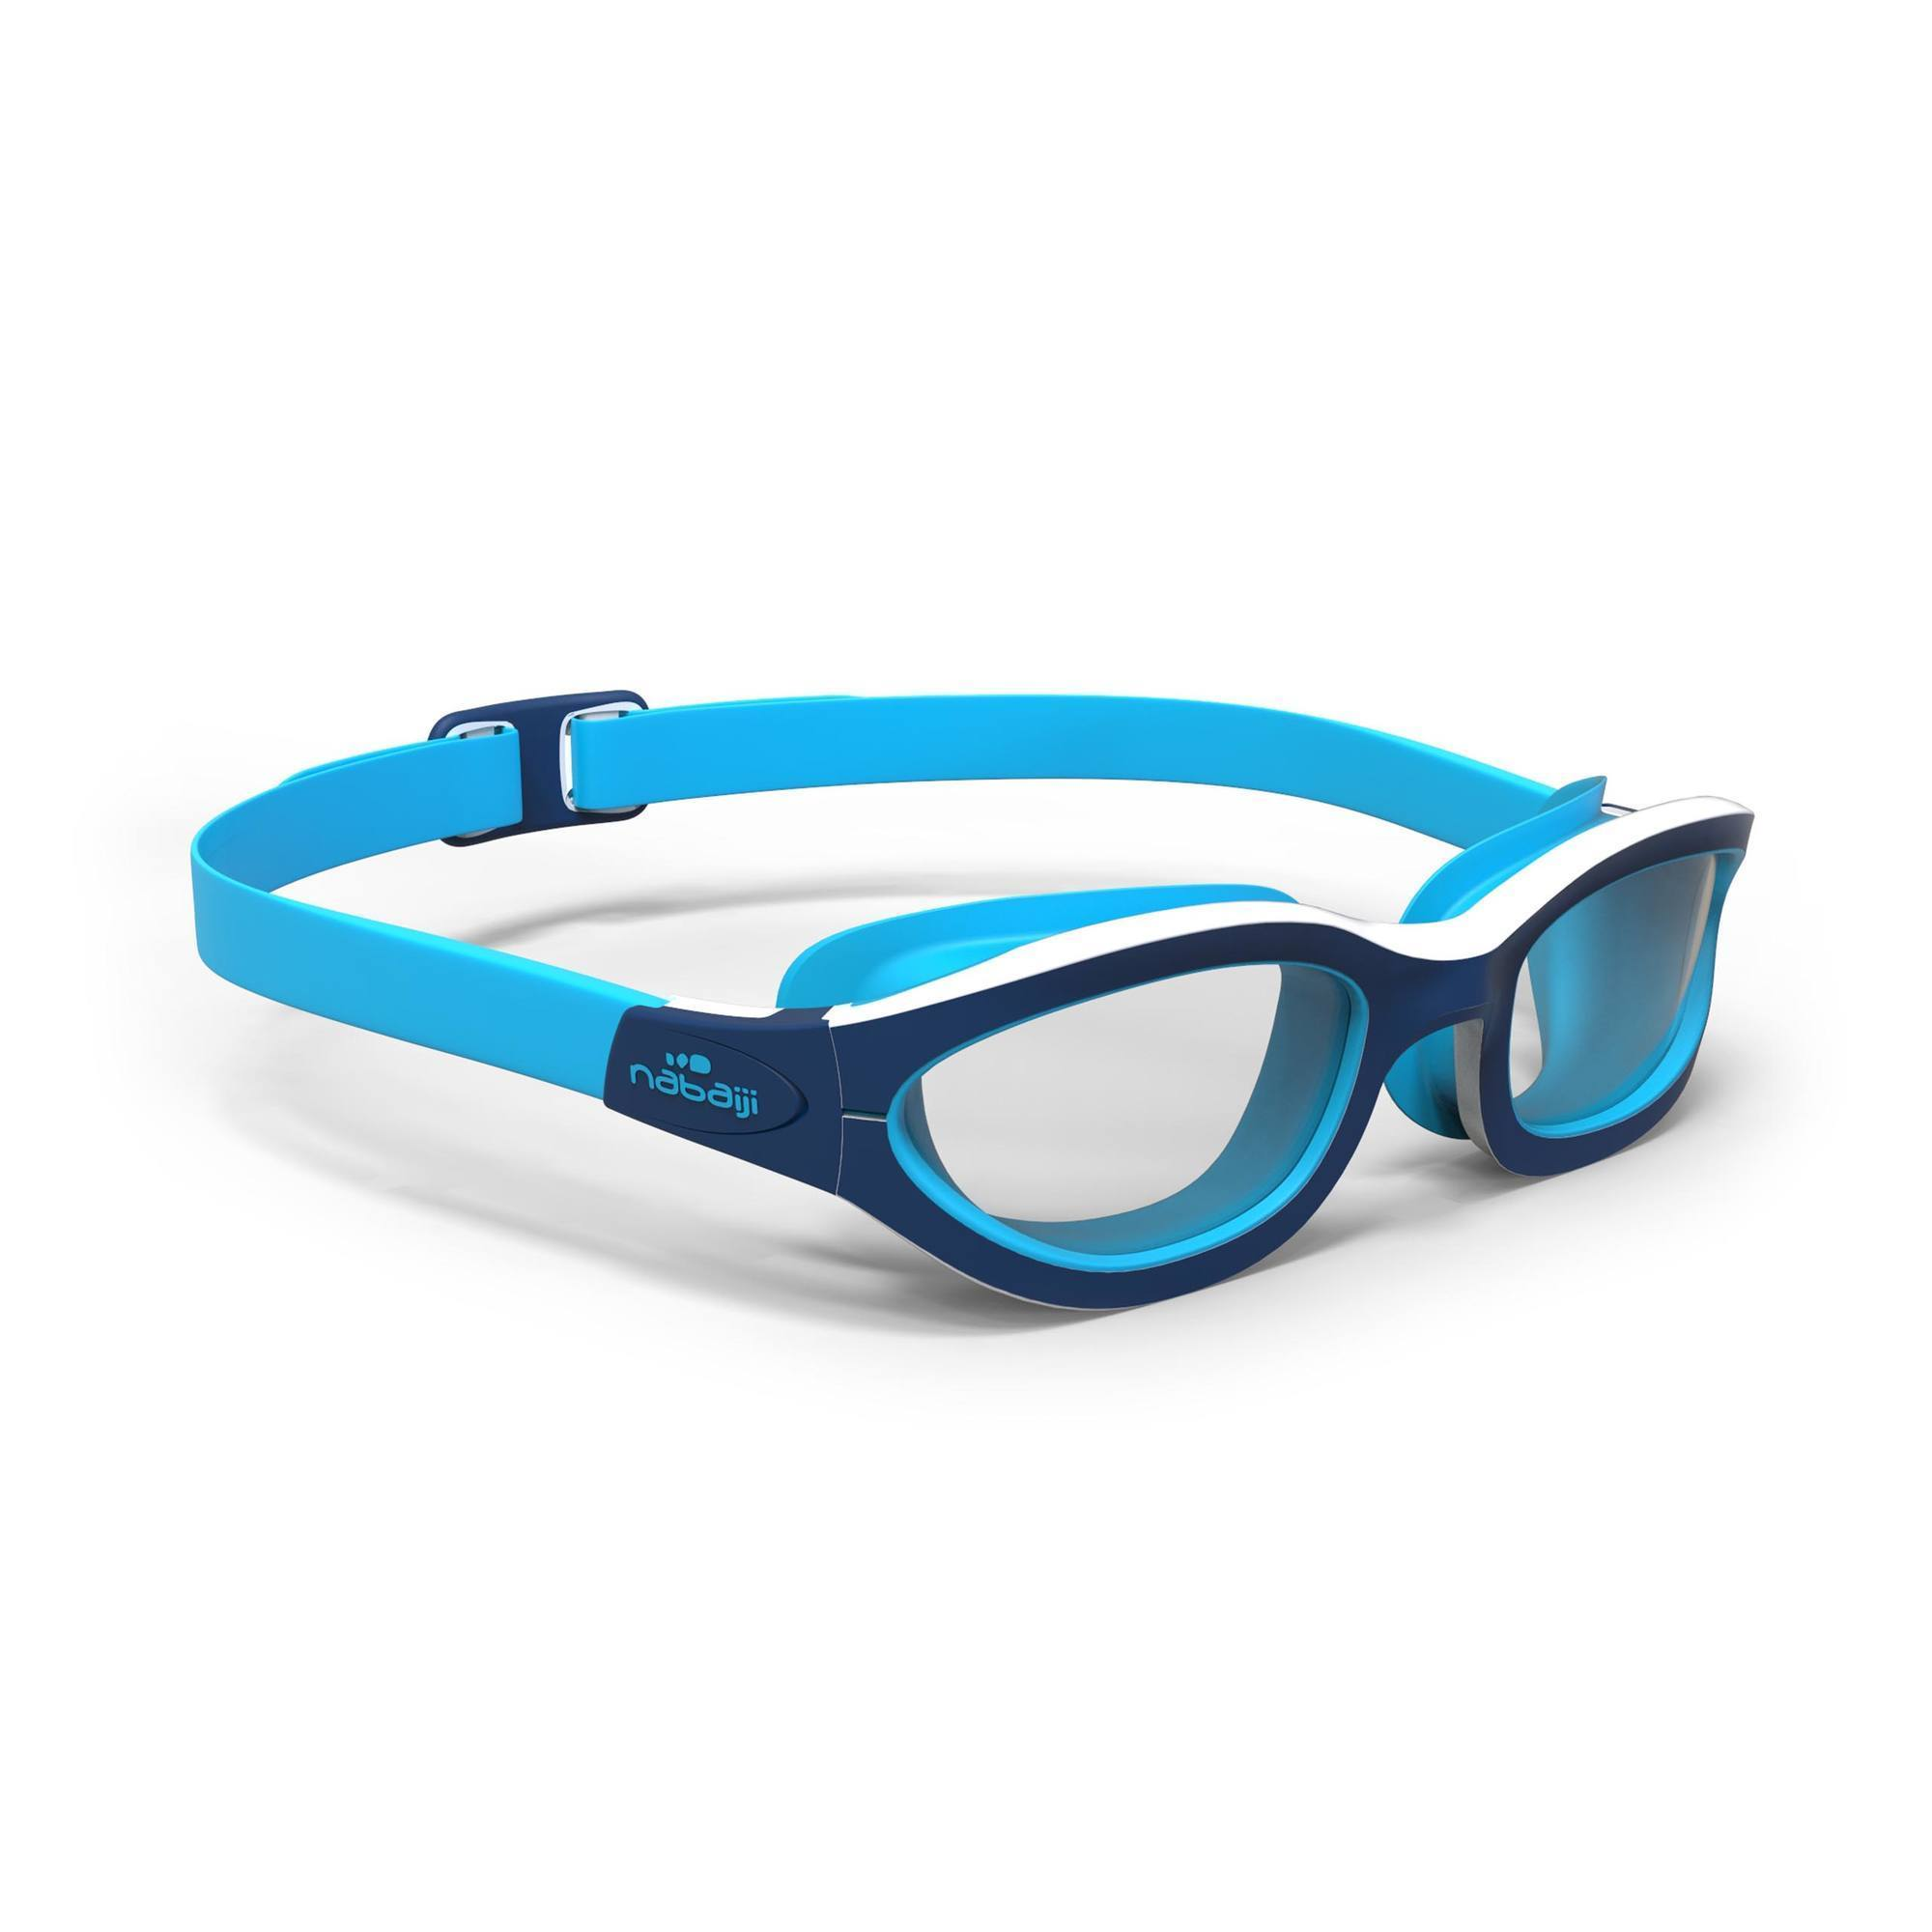 Lunettes de natation EASYDOW Taille S bleu blanc